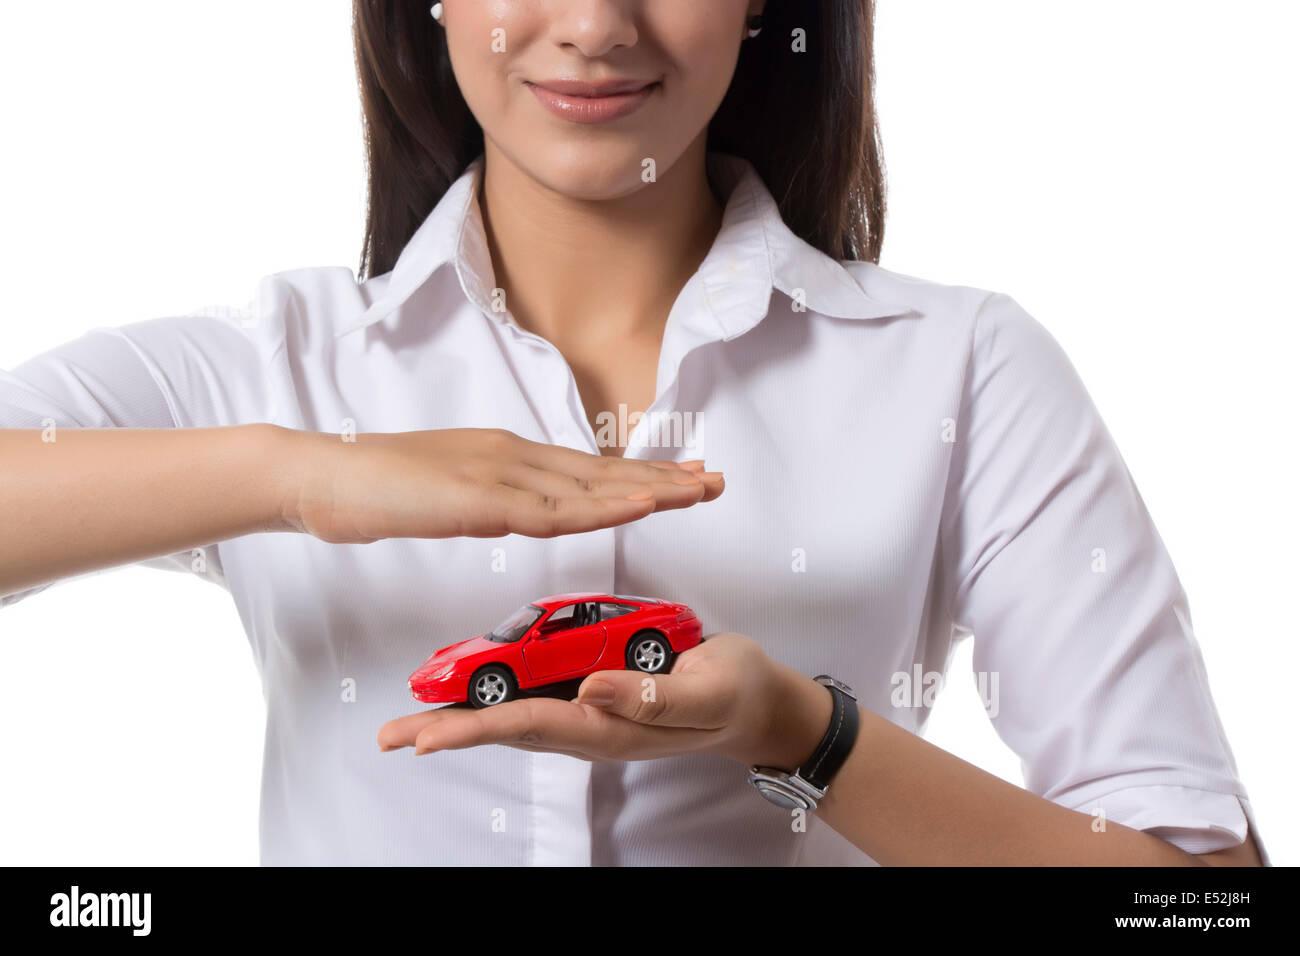 Mittelteil der jungen weiblichen Versicherungsvertreter holding Spielzeugauto auf weißen Hintergrund Stockbild